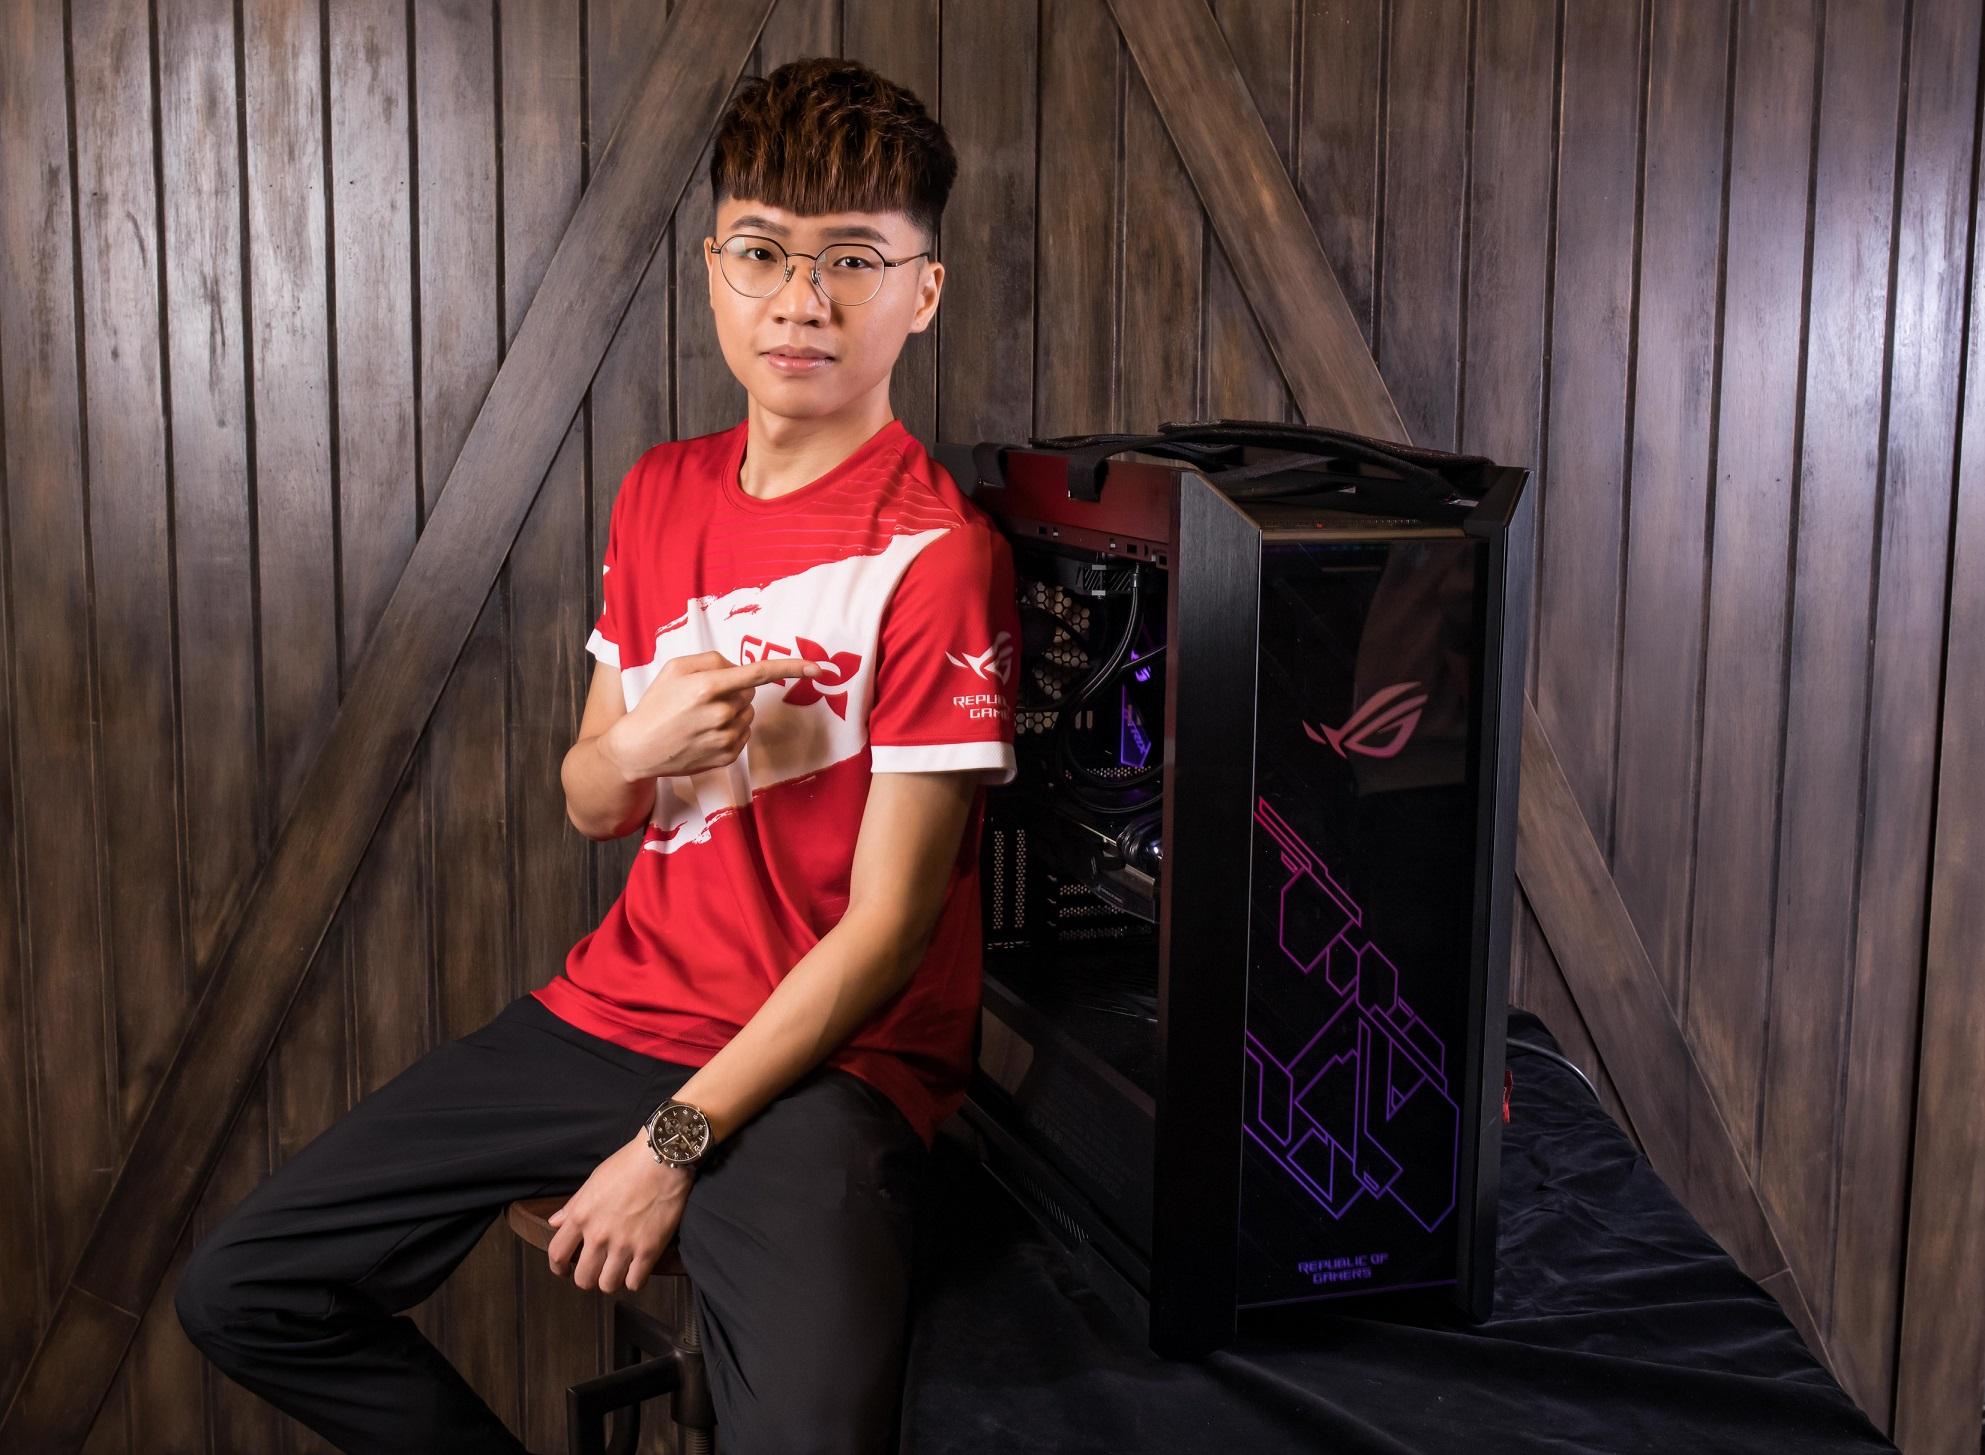 ROG玩家共和國長期深耕電競盛事,且為GEX戰隊指名合作的唯一品牌,將與其攜手持續讓世界看見台灣的電競實力!